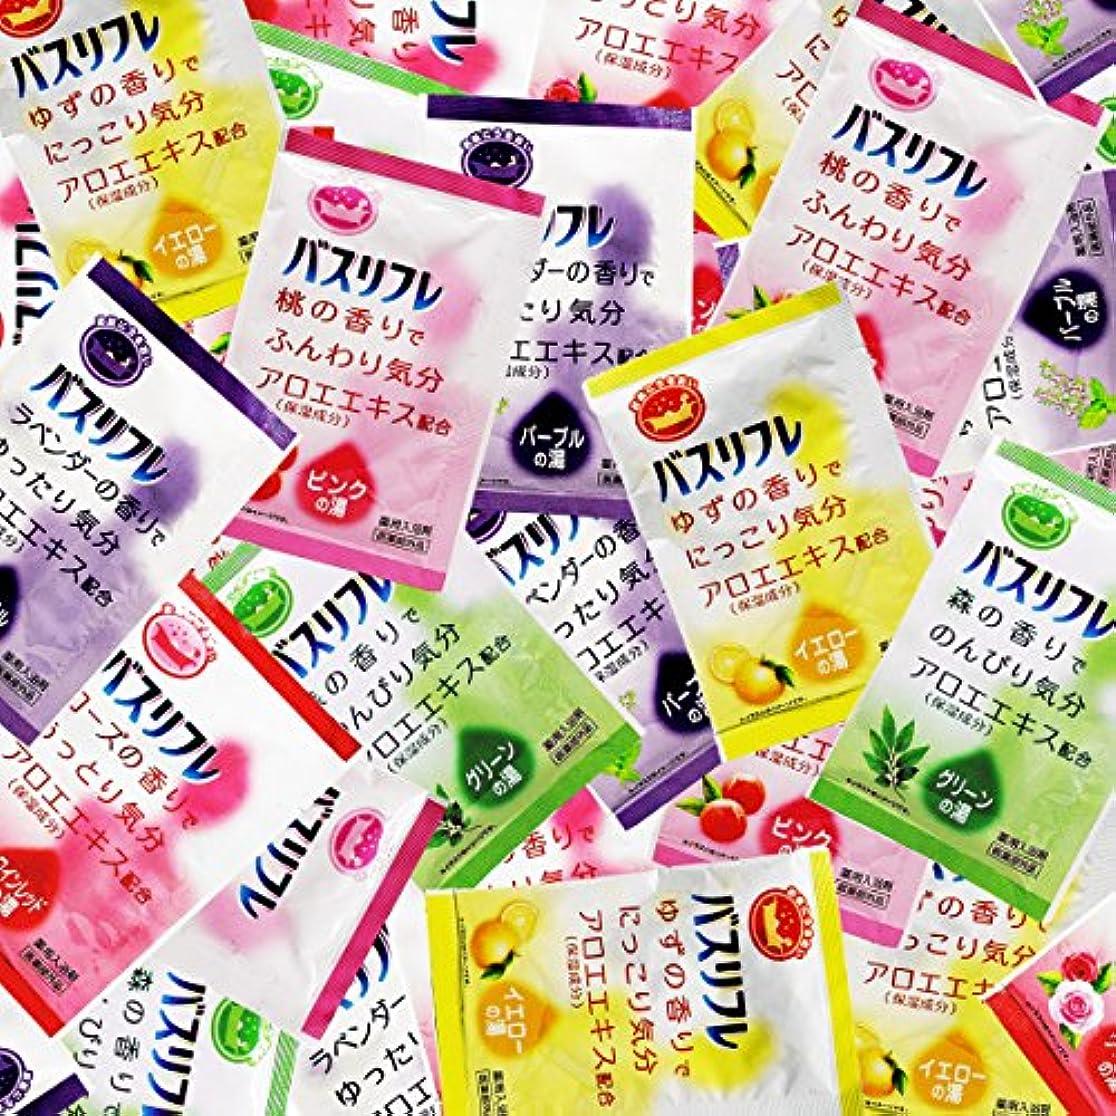 引退した単独で野心的薬用入浴剤 バスリフレ 5種類の香り アソート 120袋セット 入浴剤 詰め合わせ 人気 アロマ 福袋 医薬部外品